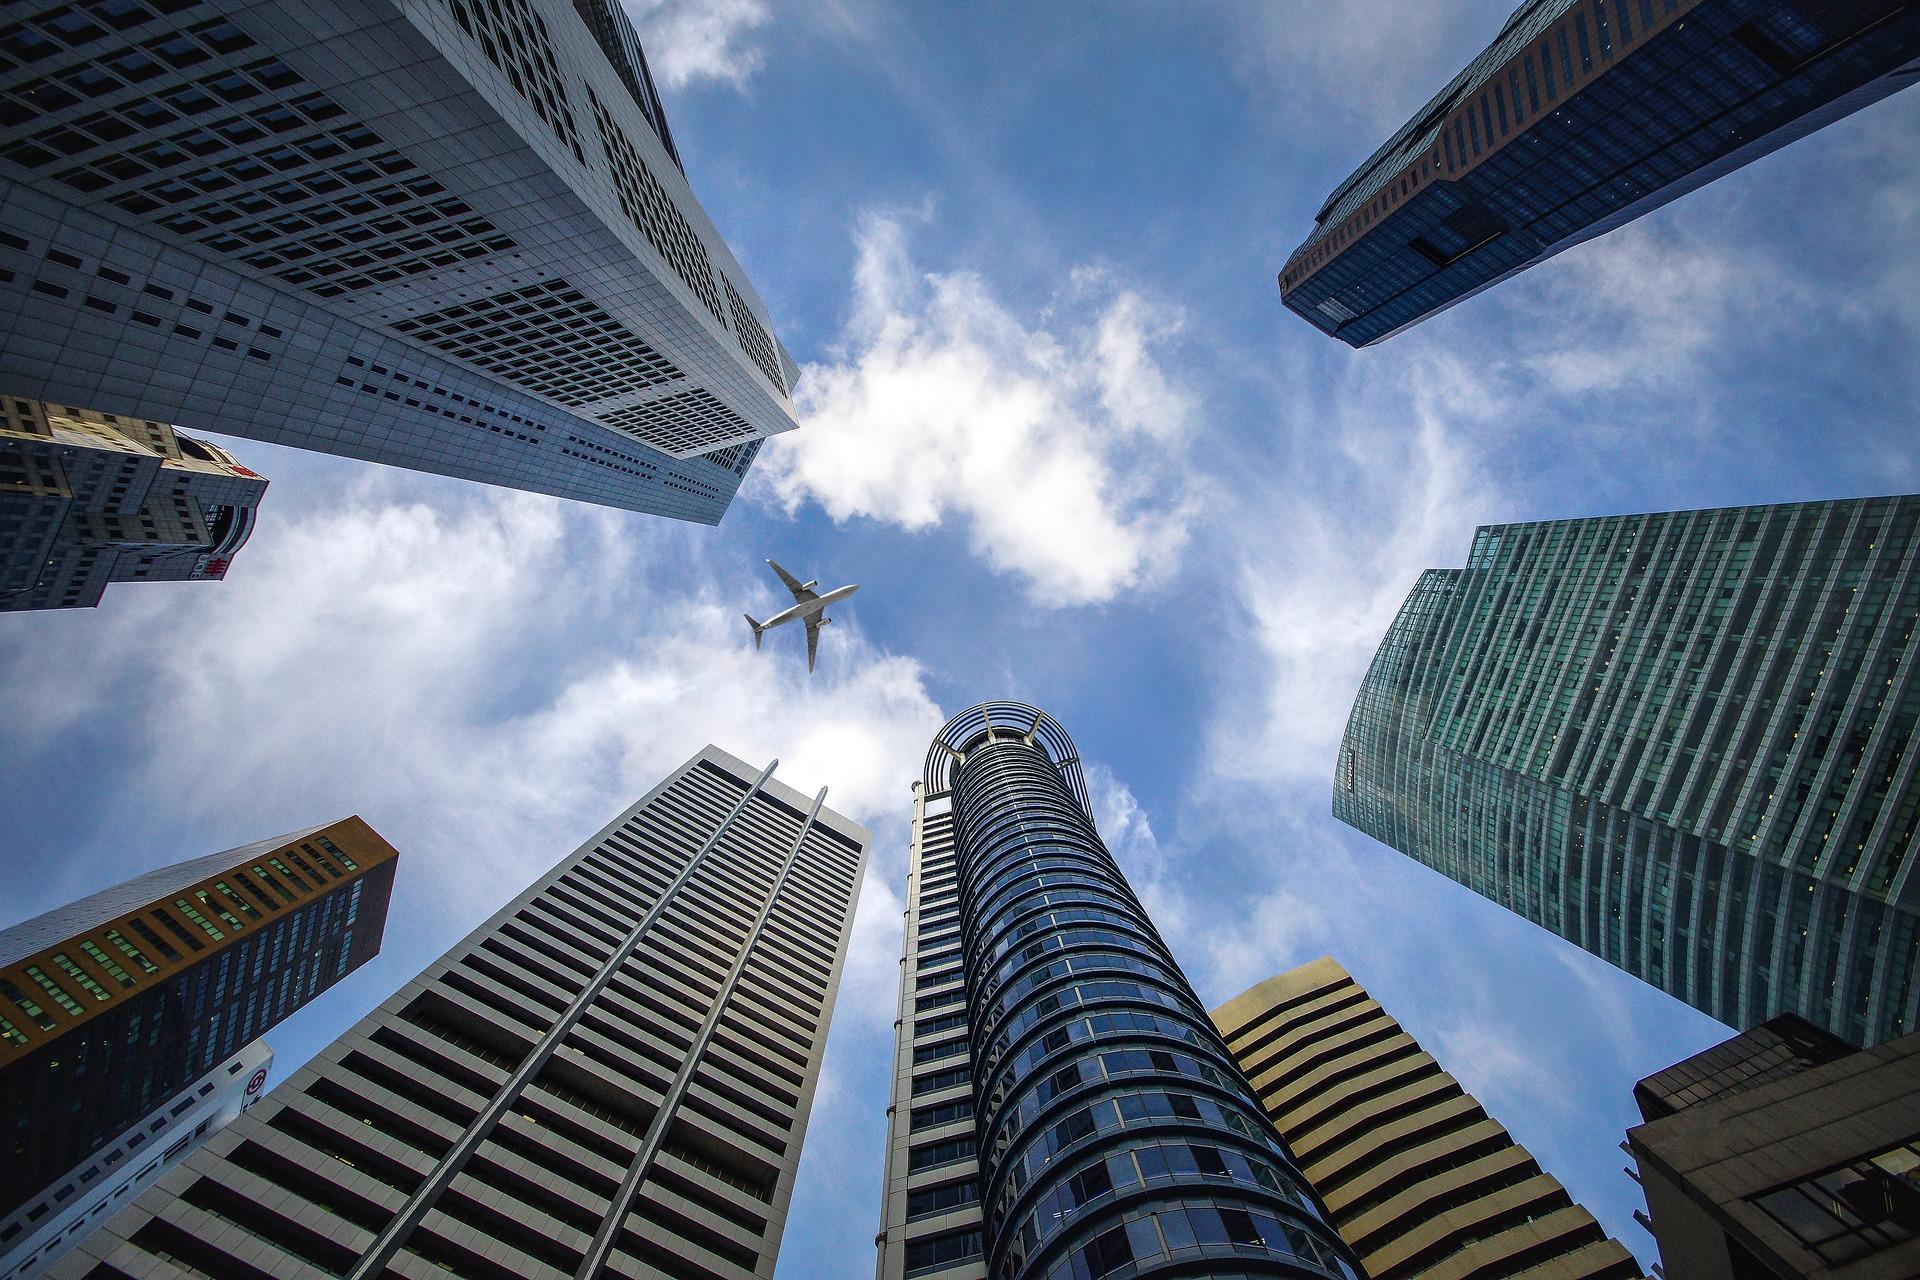 Höhere Renditeerwartungen im Ausland